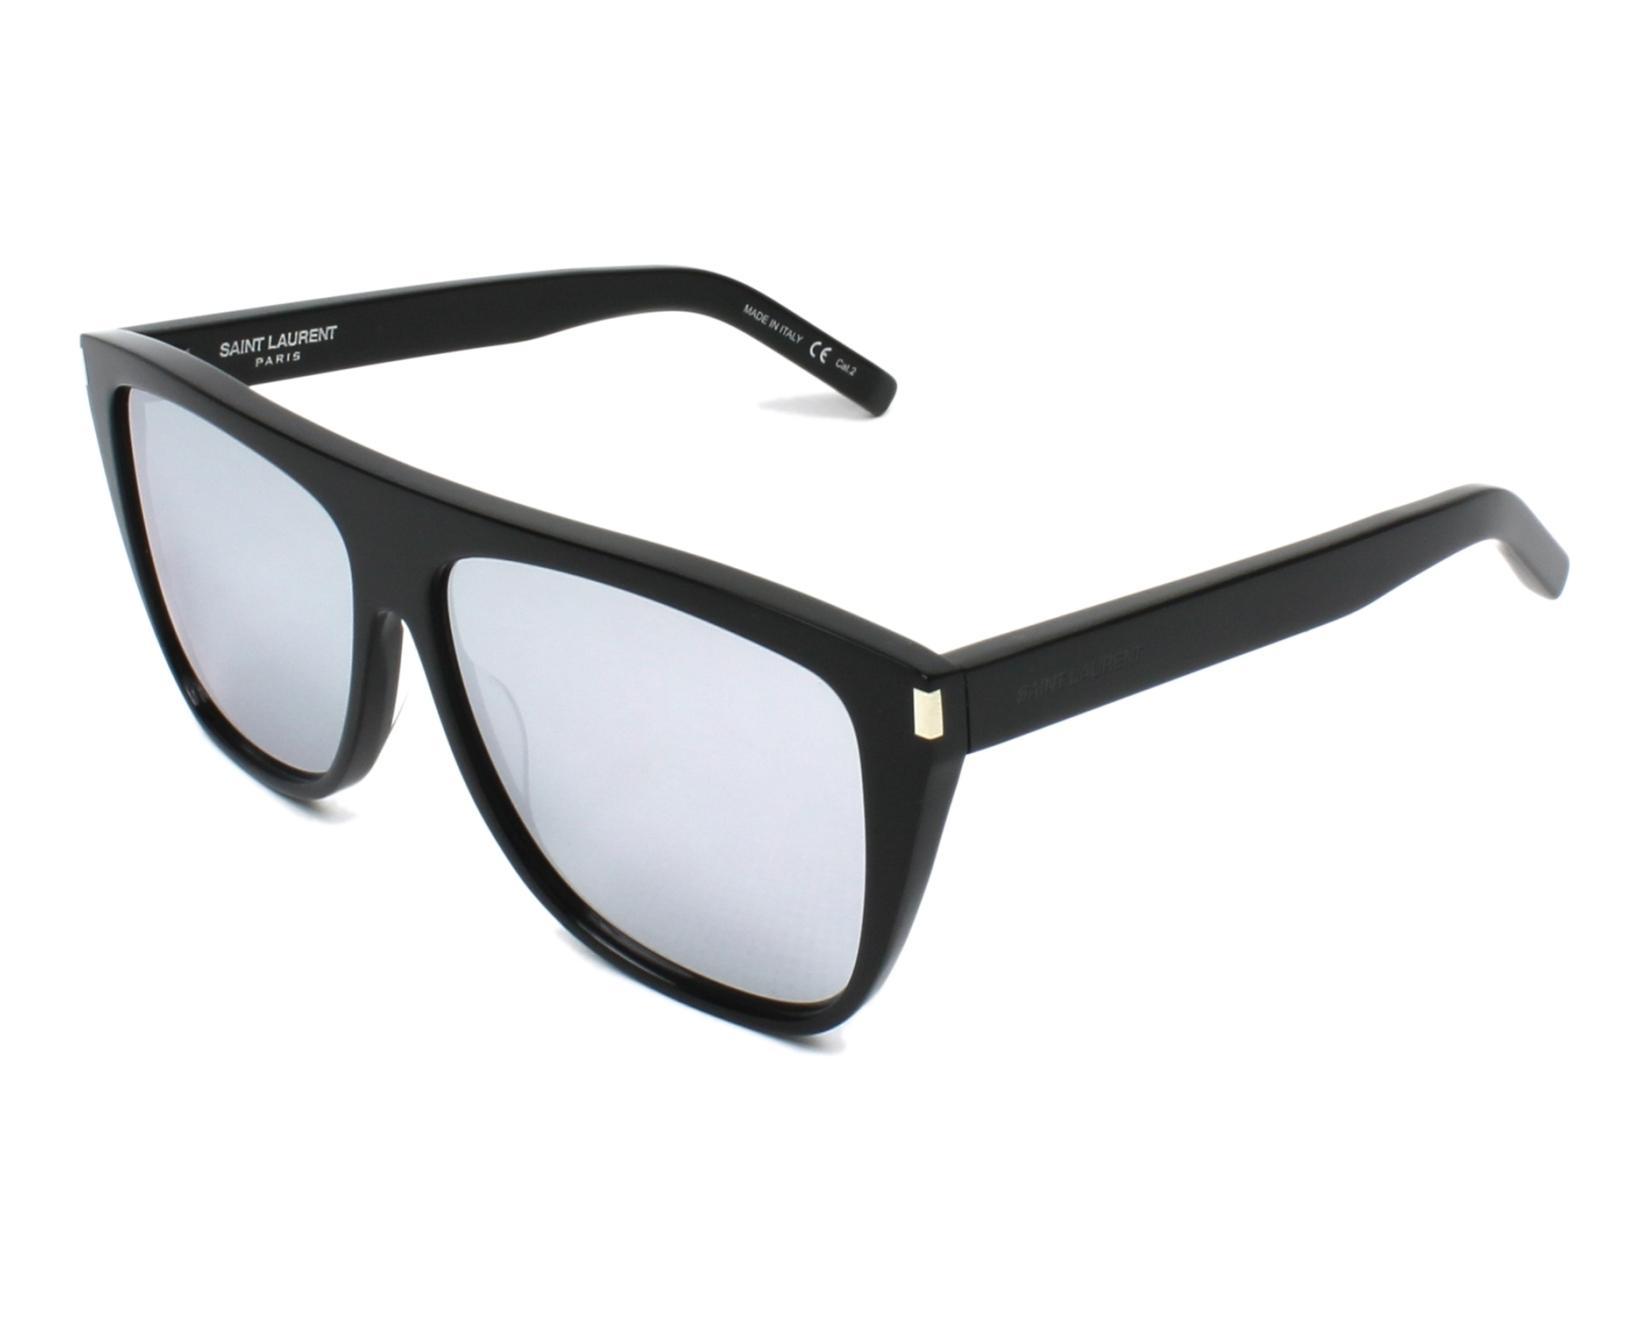 de4de8118c9c Sunglasses Yves Saint Laurent SL-1 008 59-13 Black profile view